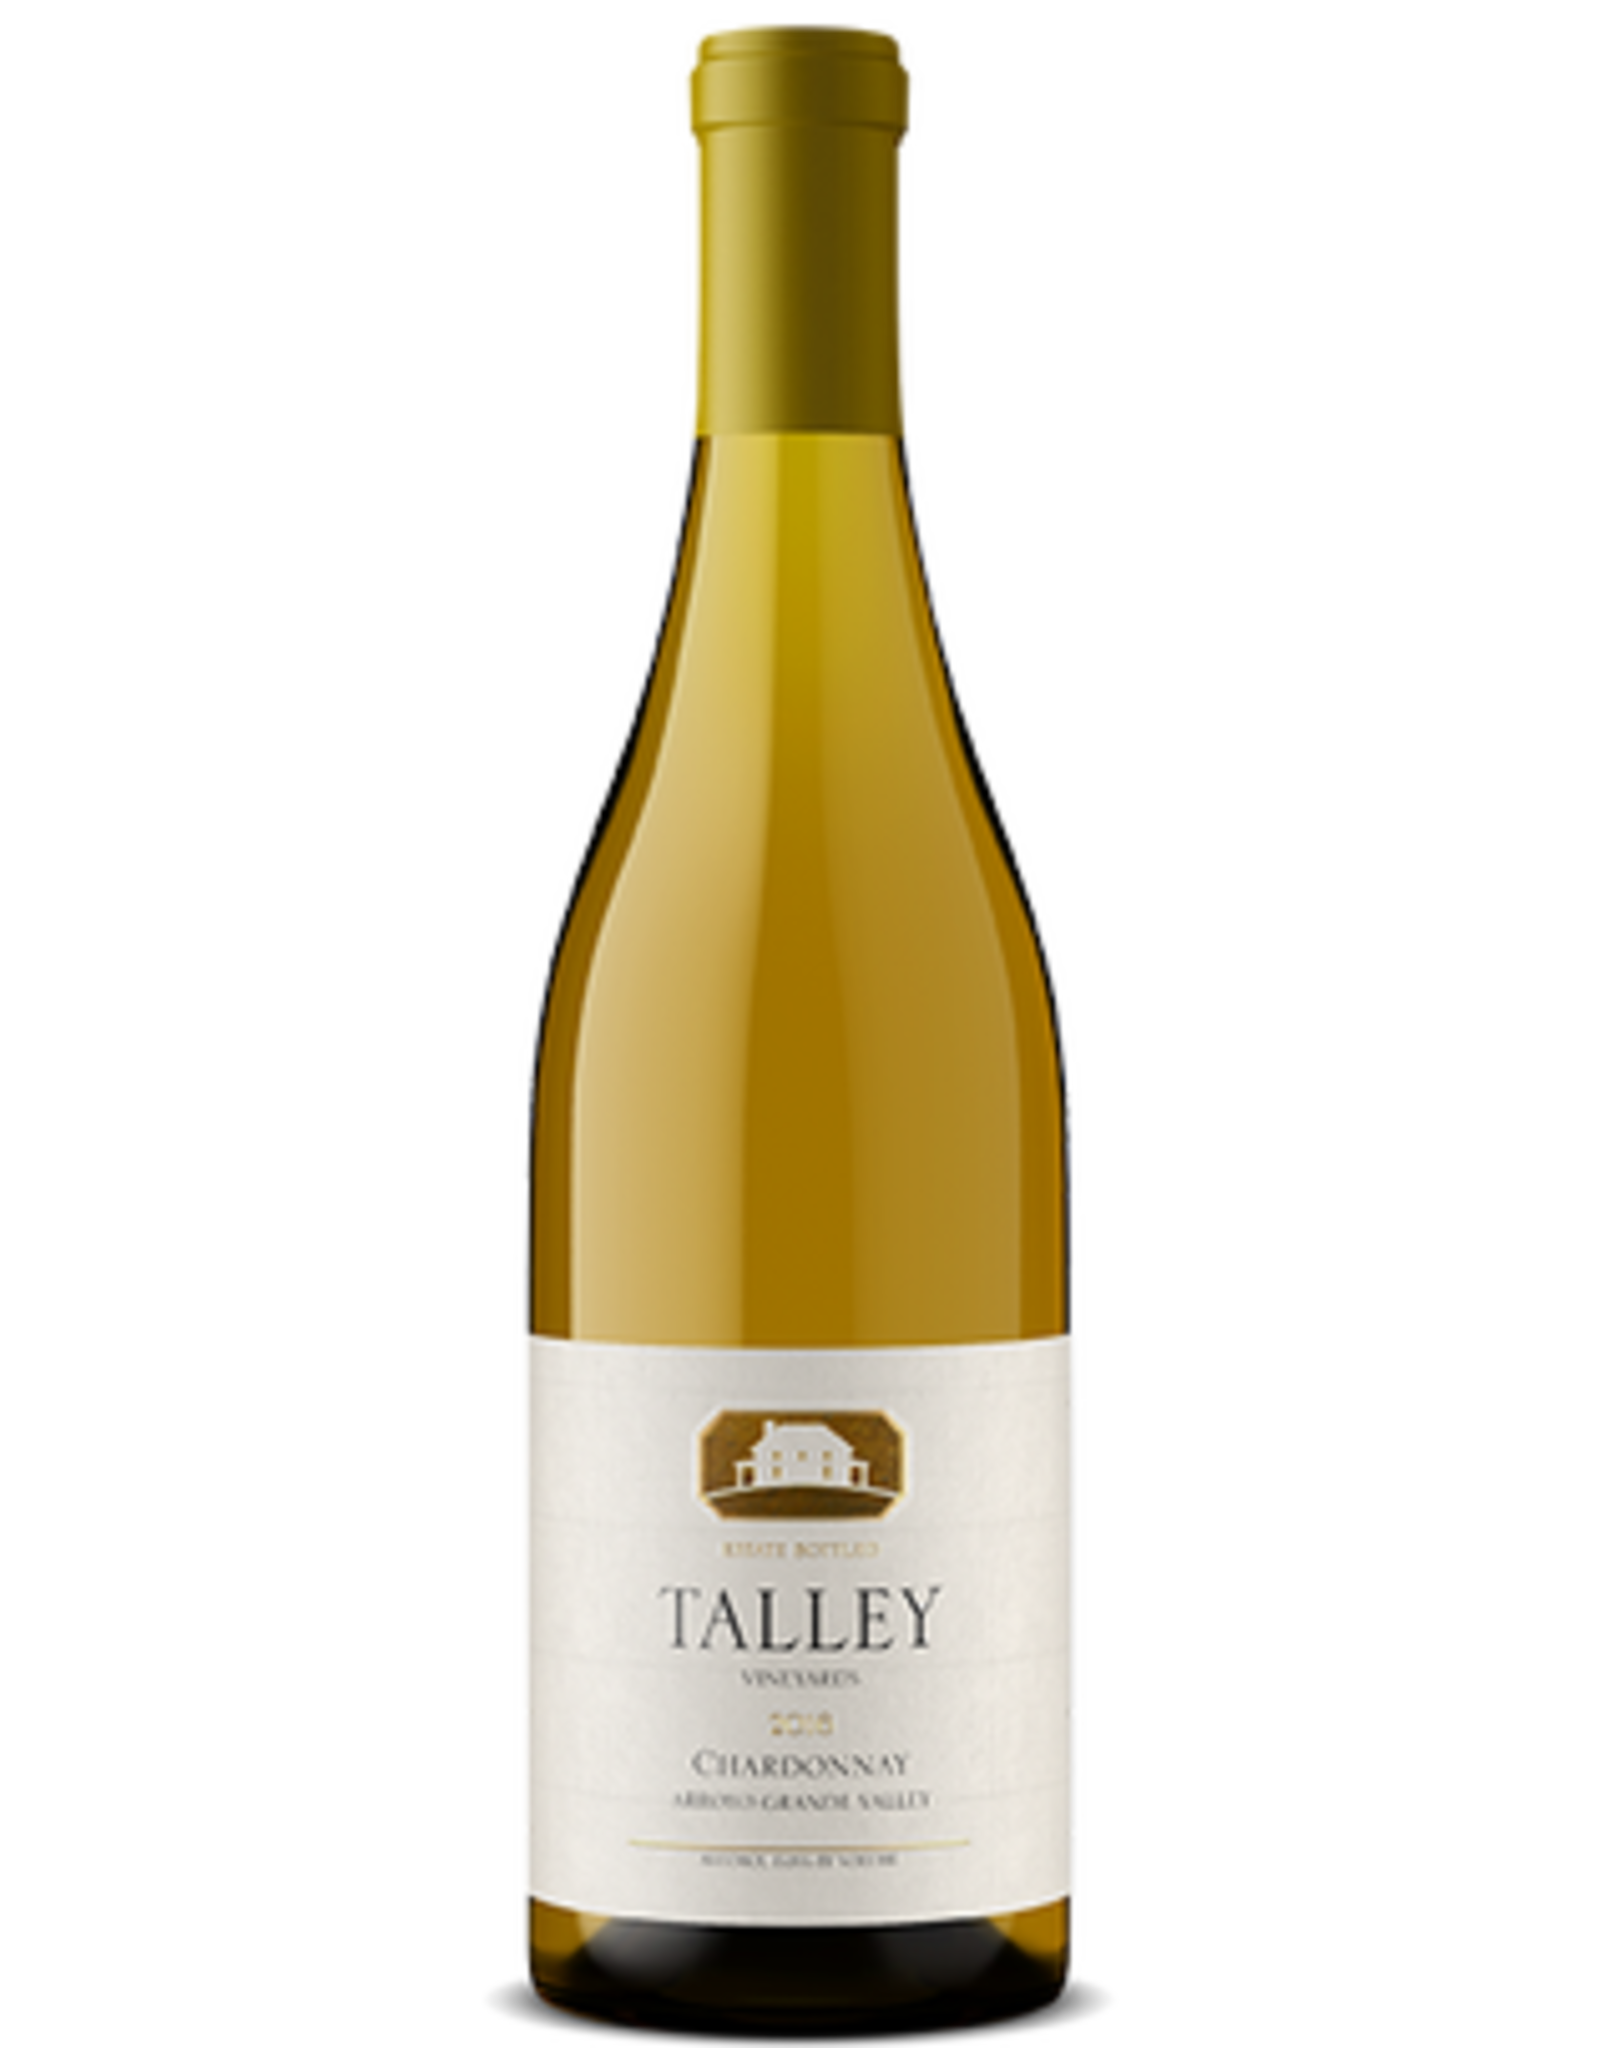 Talley Estate Arroyo Grande Valley Chardonnay 2017